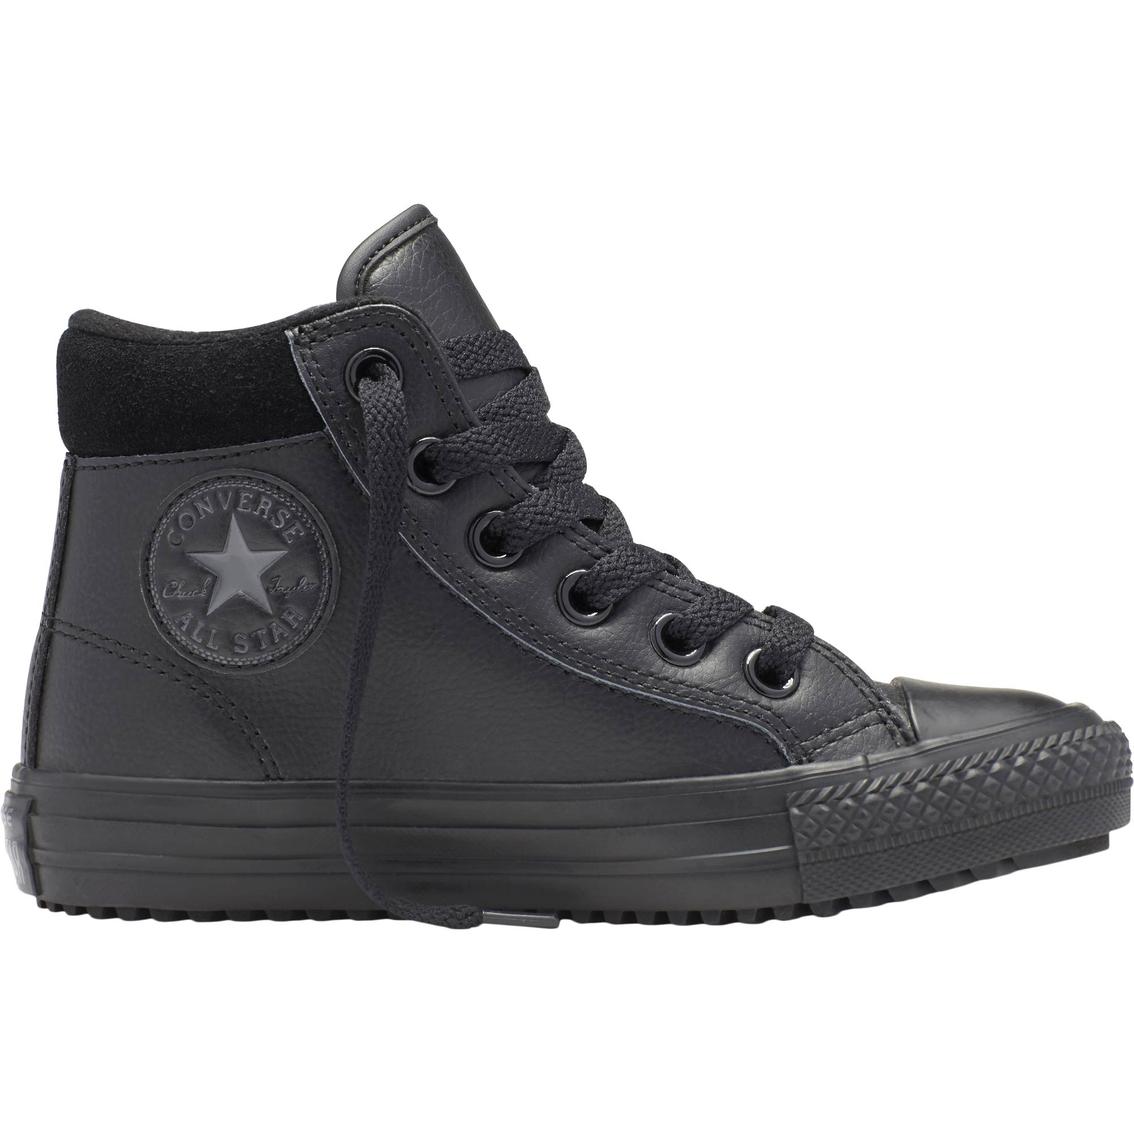 a134aa92537f ... Converse Preschool Boys Chuck Taylor All Star Hi Top Sneaker Boots ...